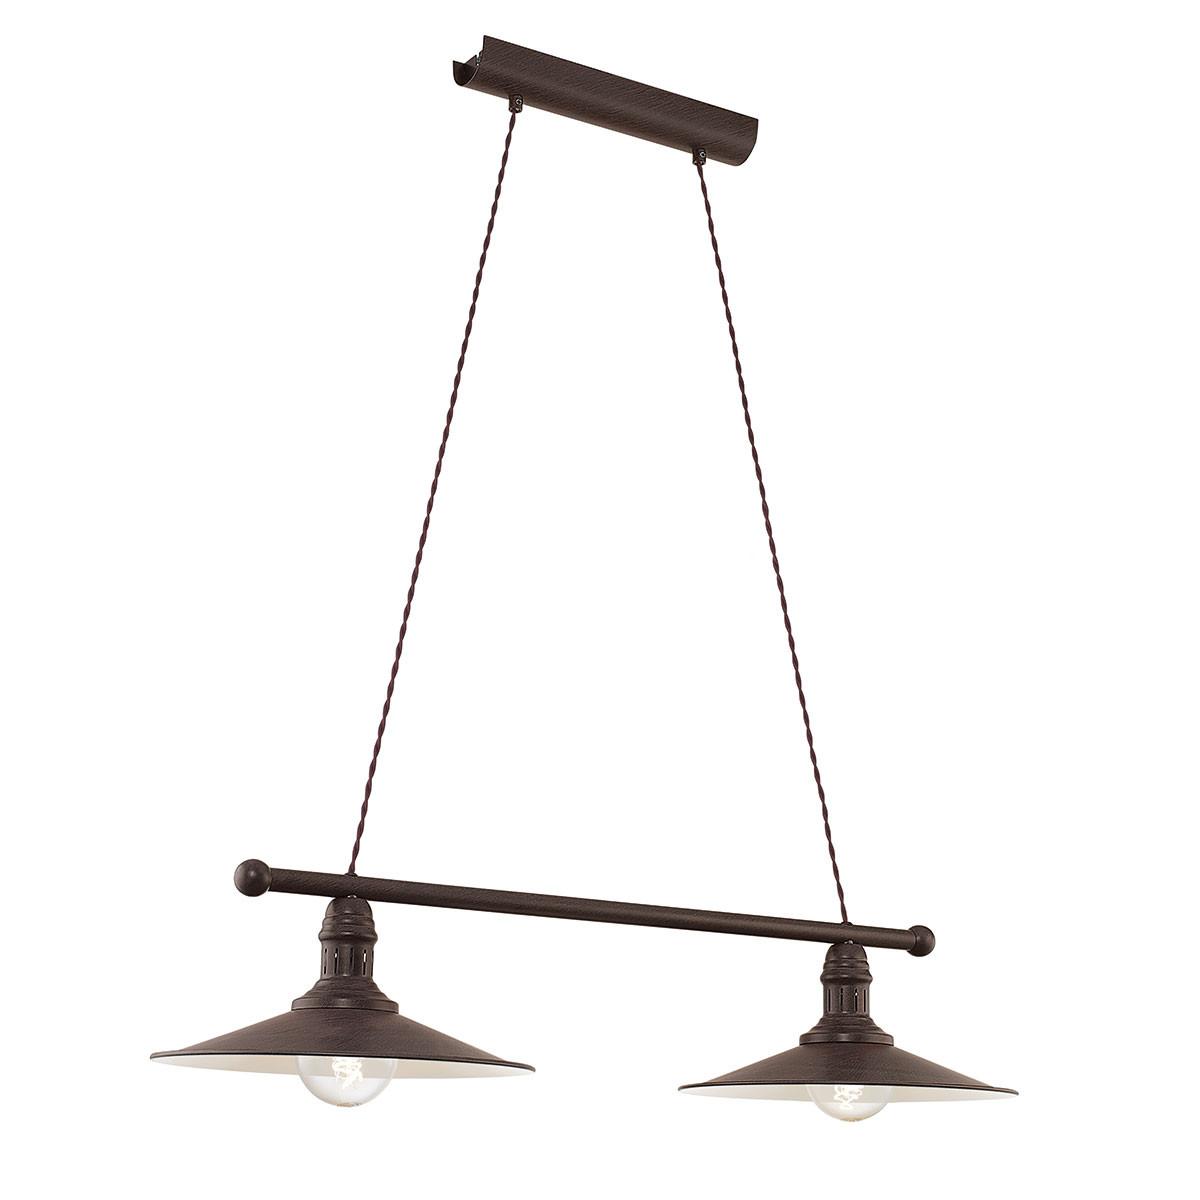 Φωτιστικό Οροφής Δίφωτο Eglo Stockbury 49457